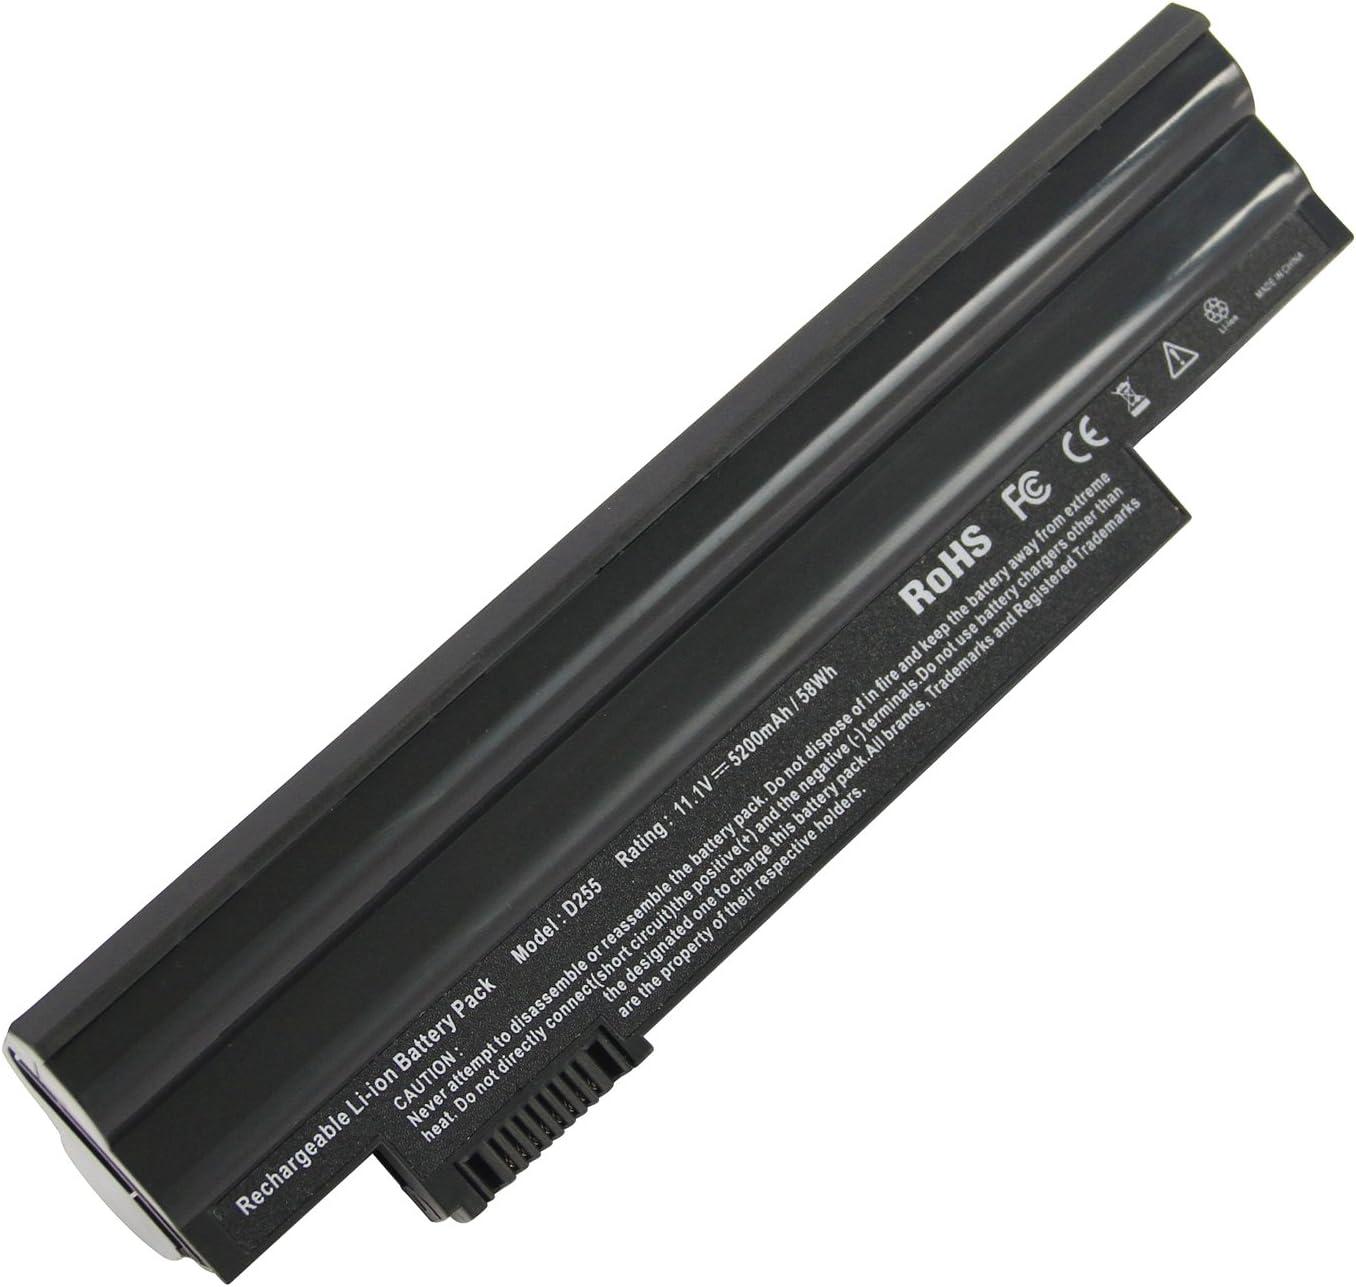 AL10A31 Battery, Replacement Laptop Battery fit Acer Aspire One D255 D257 D260 522 722 Al10a31 Al10b31 Al10g31 Bt.00603.114 LC.BTP00.129 Notebook Battery -Futurebatt